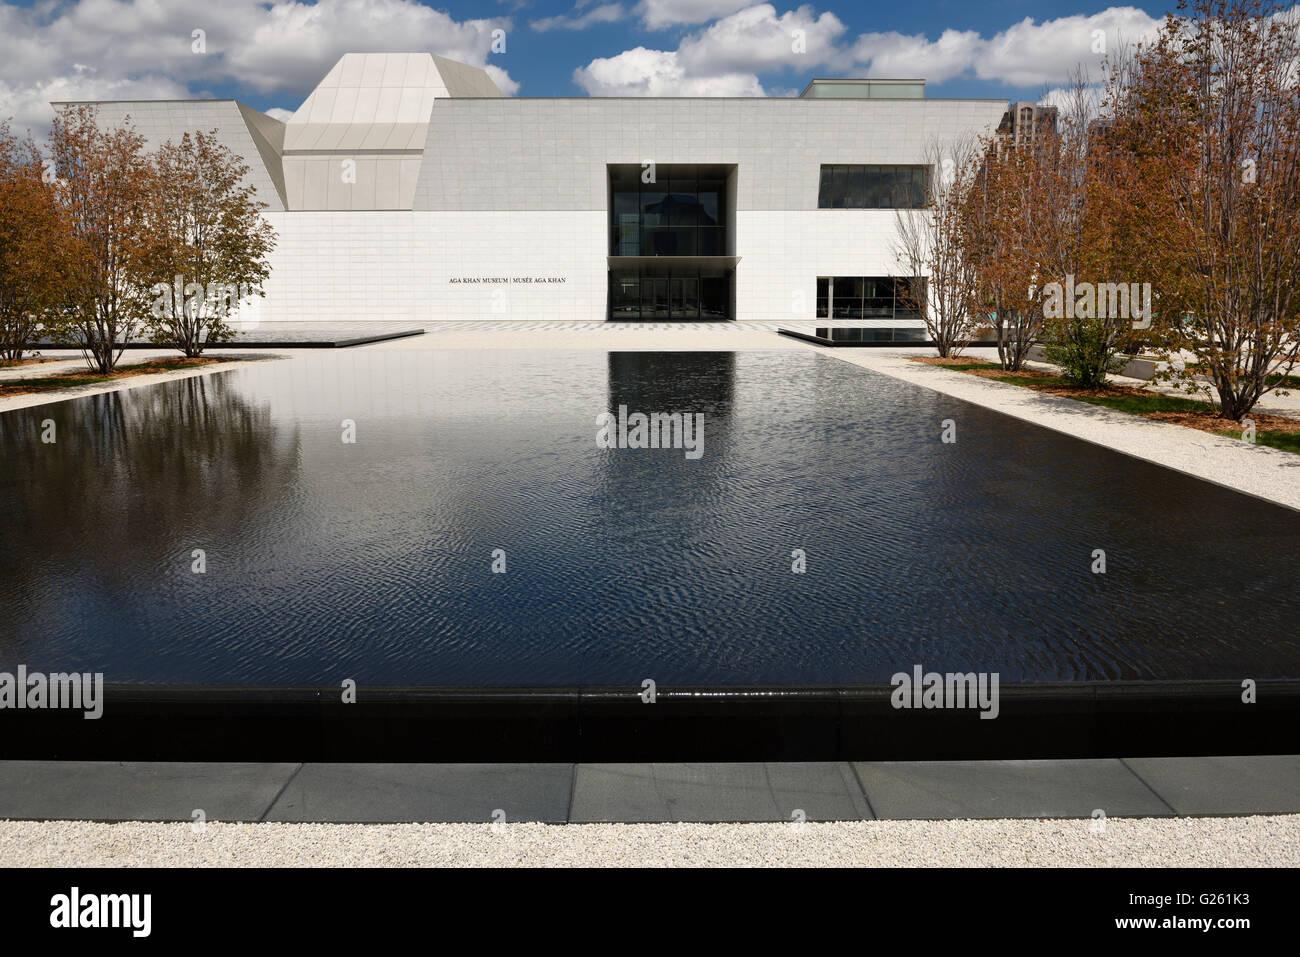 La moderna arquitectura del museo Aga Khan puerta delantera y piscinas negra en la primavera de Toronto Imagen De Stock